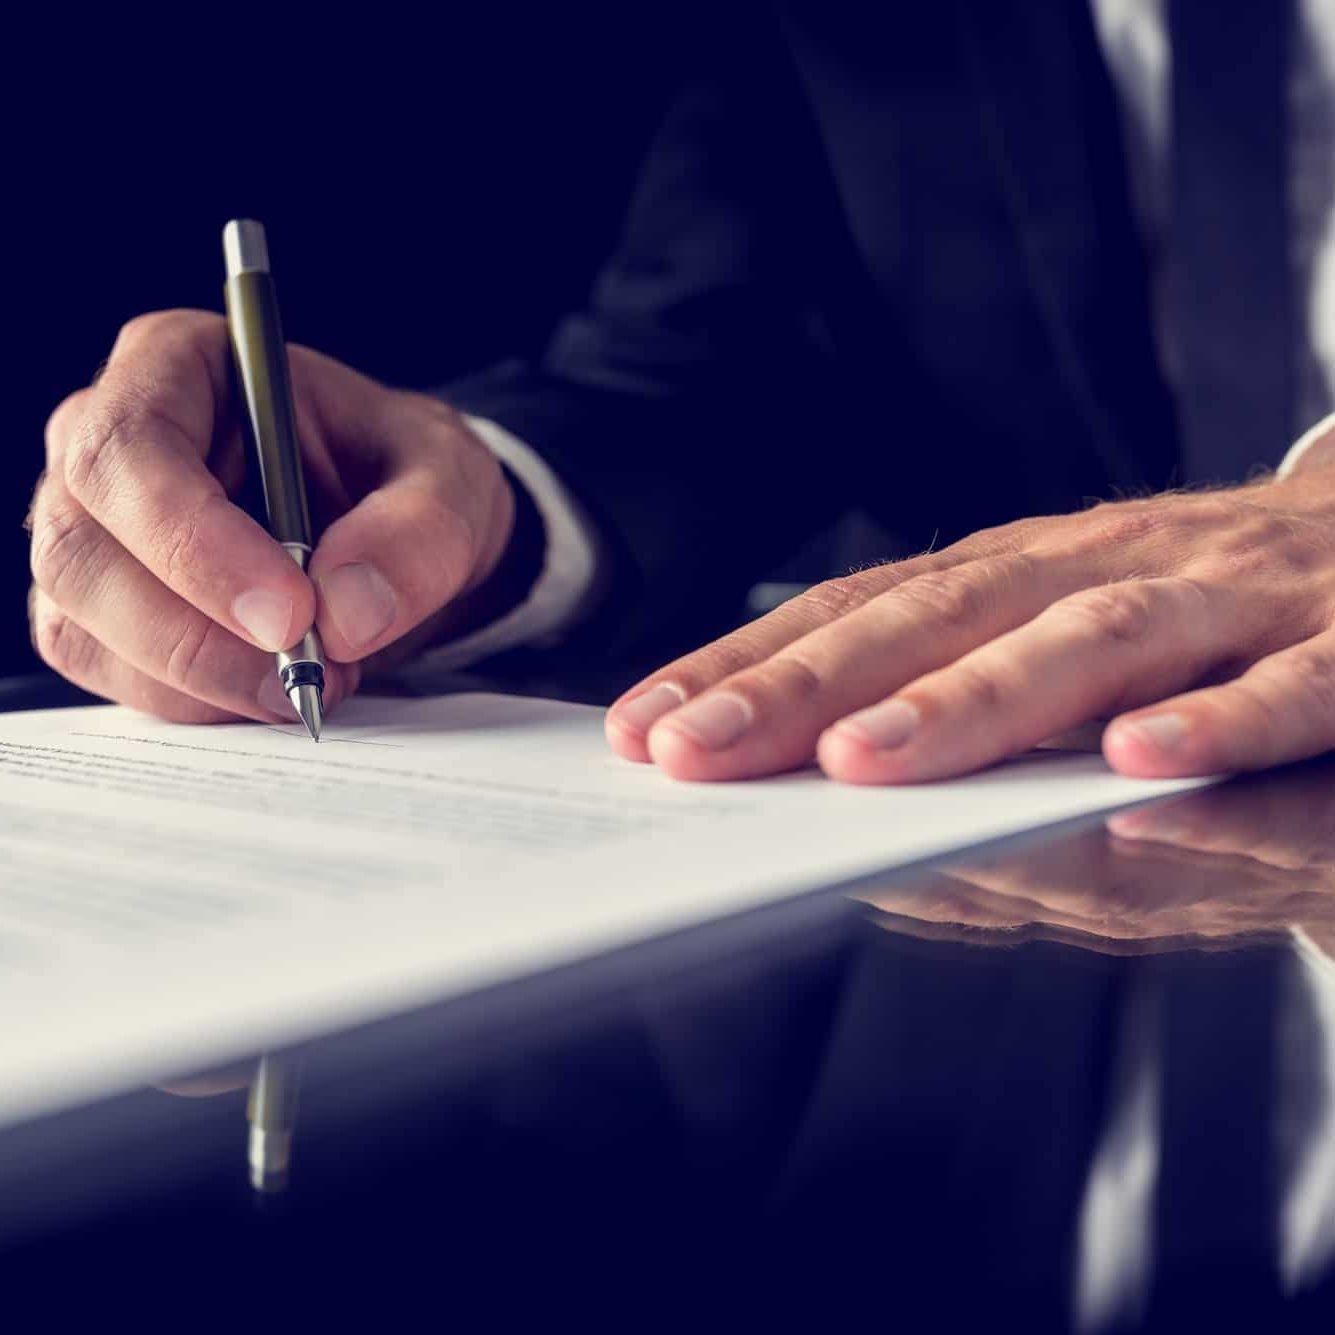 Firma documenti legali